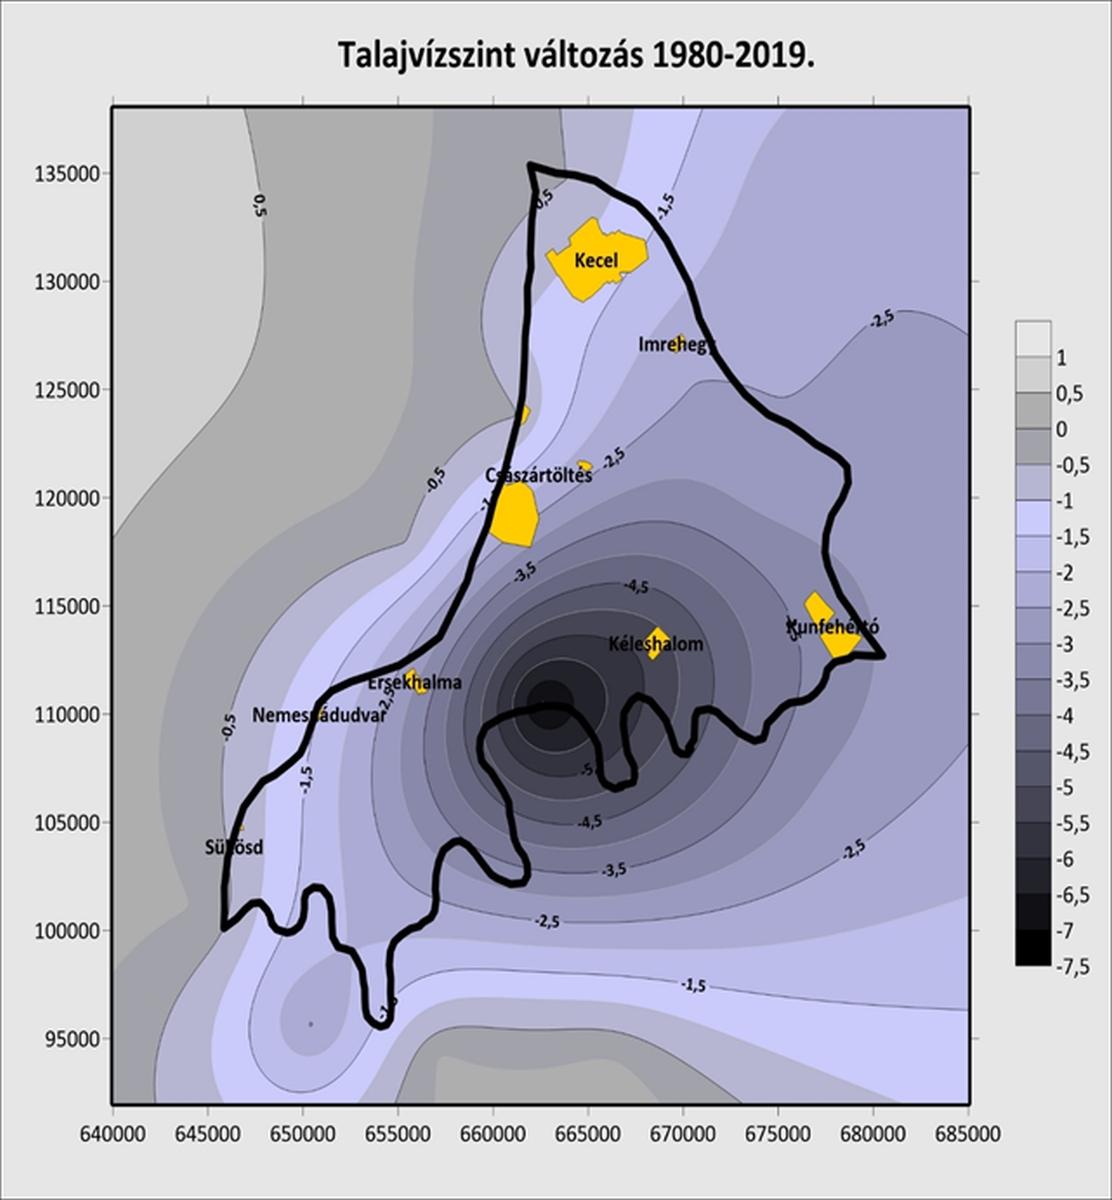 Talajvízszint változás Illancson 1980-2019. (ADUVIZIG)